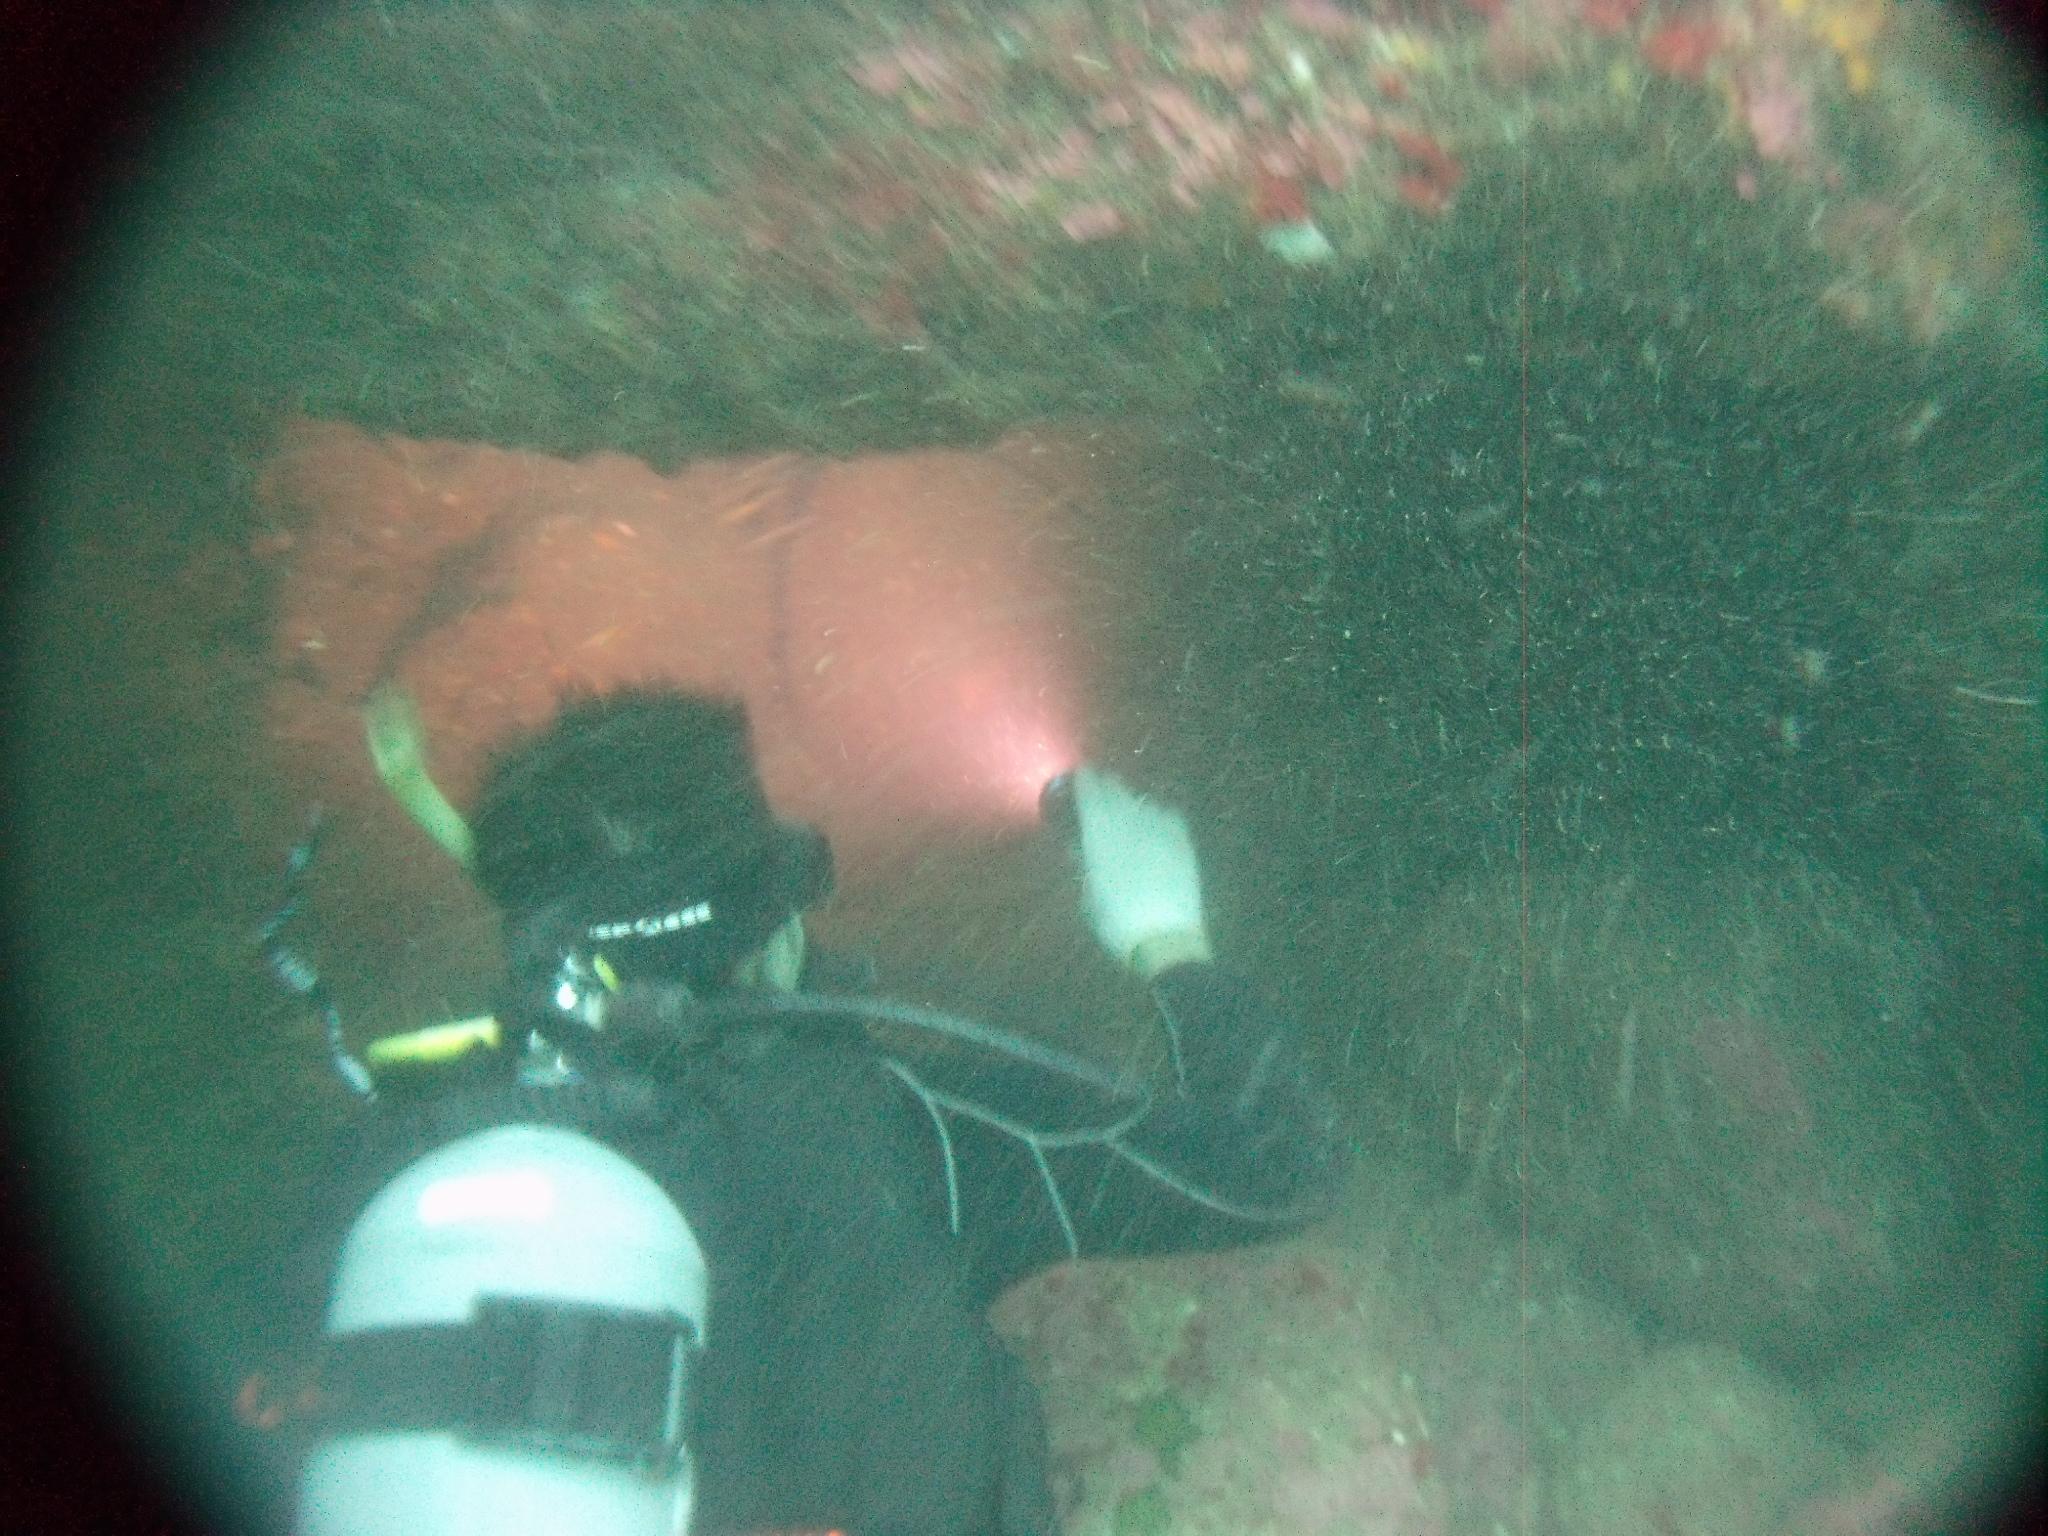 海底に広がる山陰ジオパークをスキューバダイビングで海底探索